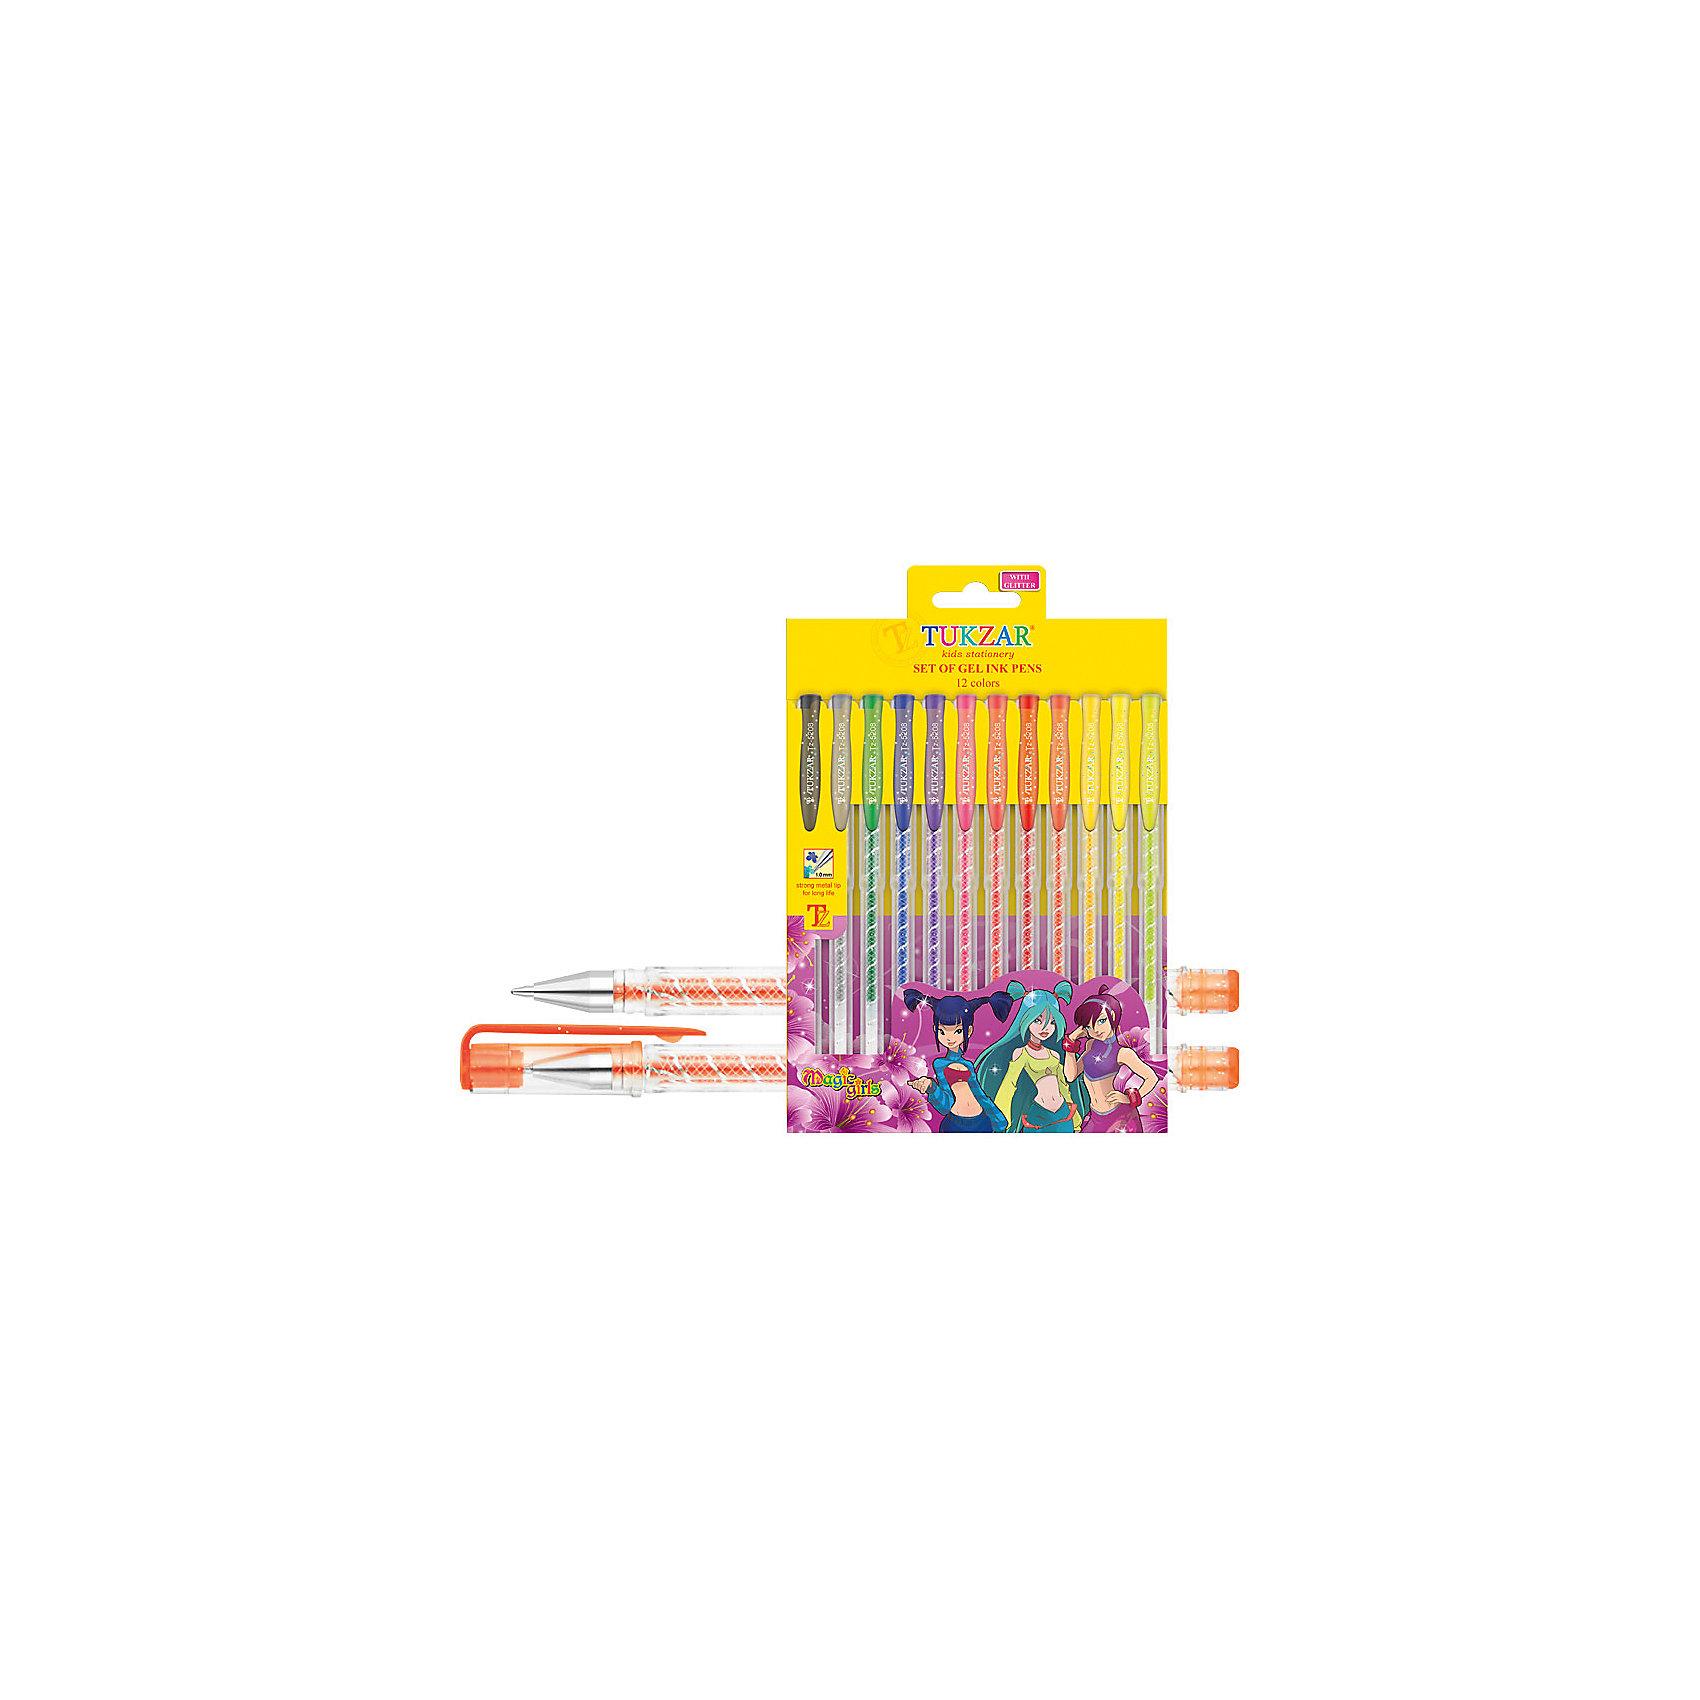 Набор гелевых ручек суперметаллик, 12 цв.Последняя цена<br>Набор гелевых ручек суперметаллик, 12 цв.<br><br>Характеристики:<br><br>- в набор входит: 12 ручек<br>- состав: пластик, гелевые чернила<br>- размер упаковки: 19,5 * 1,2 * 13,5 см.<br>- вес: 92 г.<br>- для детей в возрасте: от 6 до 14 лет<br>- страна производитель: Китай<br><br>Набор ярких гелевых ручек с блеском «металлик» от популярного бренда канцелярских товаров Tukzar (Тукзар) придет по вкусу как детям, так и подросткам. Насыщенные цвета ручек хорошо видны при письме, поэтому они отлично подходят не только для рисунков, но и для записей. Двенадцать цветов из этого набора вдохновляют на создание нового шедевра и на вдохновение при письме. Металликовый блеск создает сияние при попадении света. Ручки отлично подходят для графического оформления тетрадей, альбомов или открыток и пишут при легком нажатии. Пользуясь цветными ручками дети развивают творческие способности, аккуратность, моторику рук, усидчивость, восприятие цвета и выражают свой внутренний мир в рисунках. <br><br>Набор гелевых ручек суперметаллик, 12 цв. можно купить в нашем интернет-магазине.<br><br>Ширина мм: 225<br>Глубина мм: 30<br>Высота мм: 180<br>Вес г: 450<br>Возраст от месяцев: 36<br>Возраст до месяцев: 2147483647<br>Пол: Унисекс<br>Возраст: Детский<br>SKU: 4801650